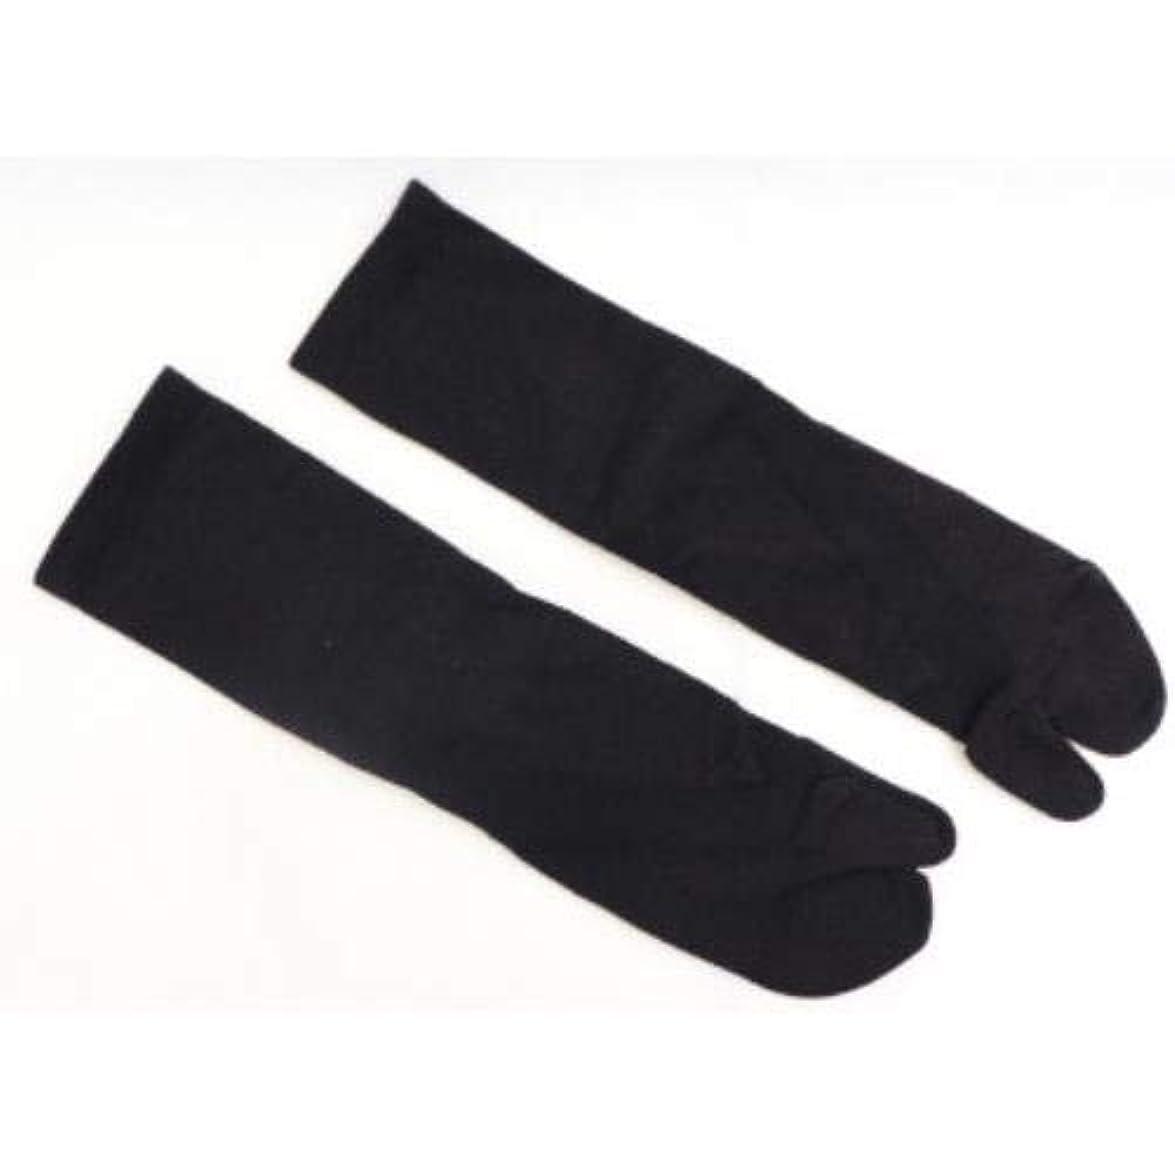 家庭教師著名な君主制さとう式 フレクサーソックス クルー 黒 (L) 足袋型